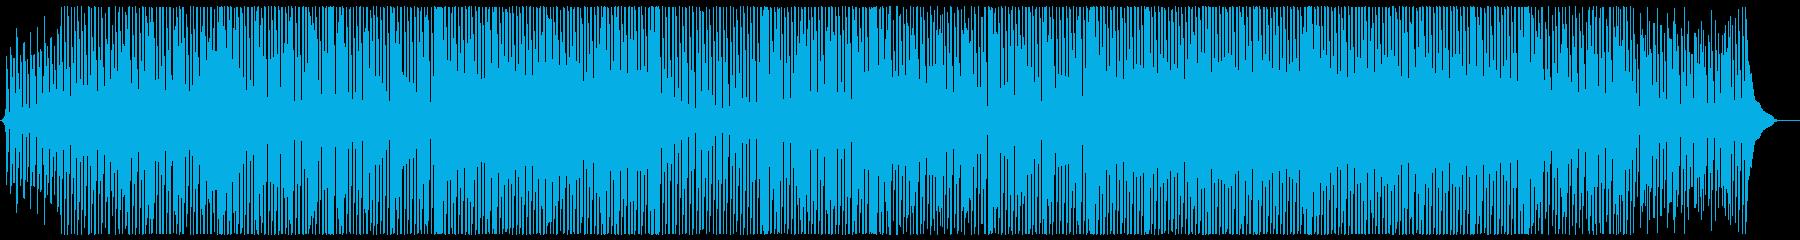 アップテンポなコンセプトムービー風の再生済みの波形